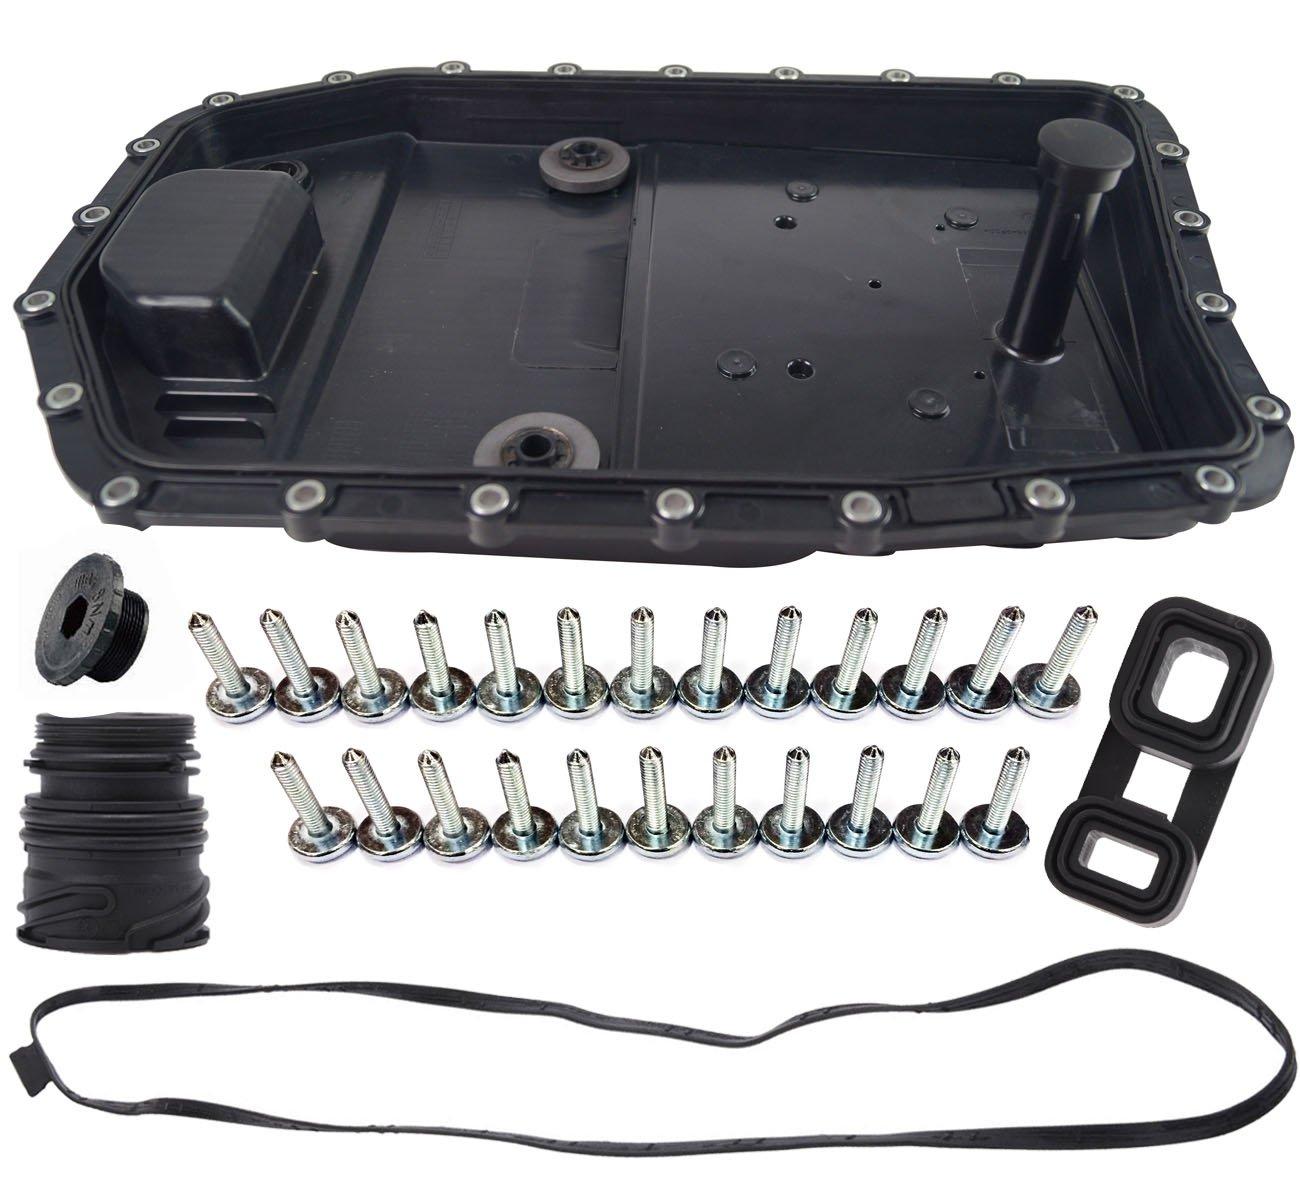 Bapmic 6HP19 Transmission Oil Pan Repair Kit for BMW E60 E71 E82 E88 24152333907